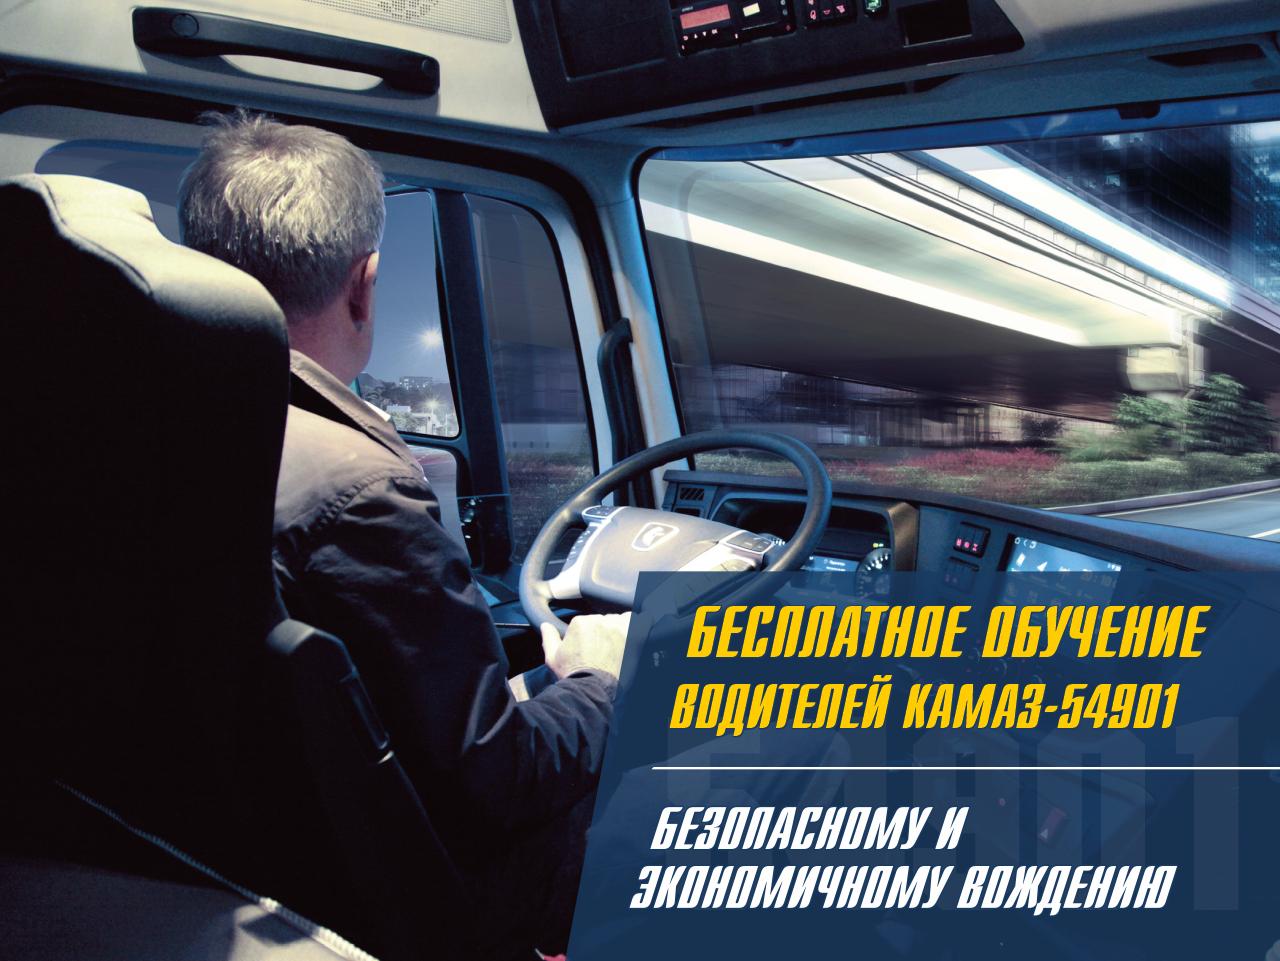 БЕСПЛАТНОЕ ОБУЧЕНИЕ ВОДИТЕЛЕЙ КАМАЗ-54901